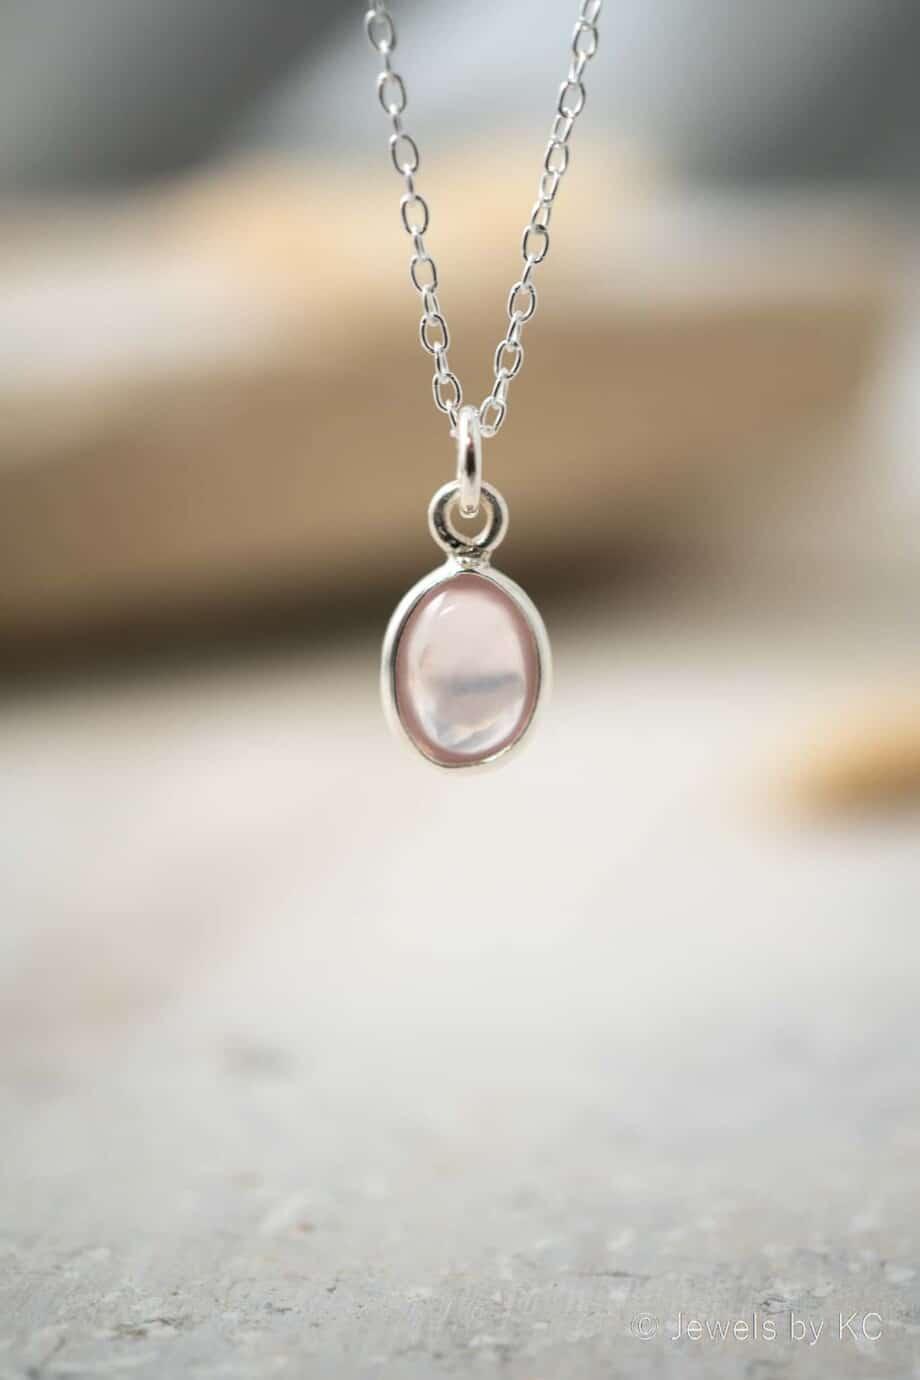 ilveren edelsteen ketting met Rozenkwarts edelsteen roze hanger